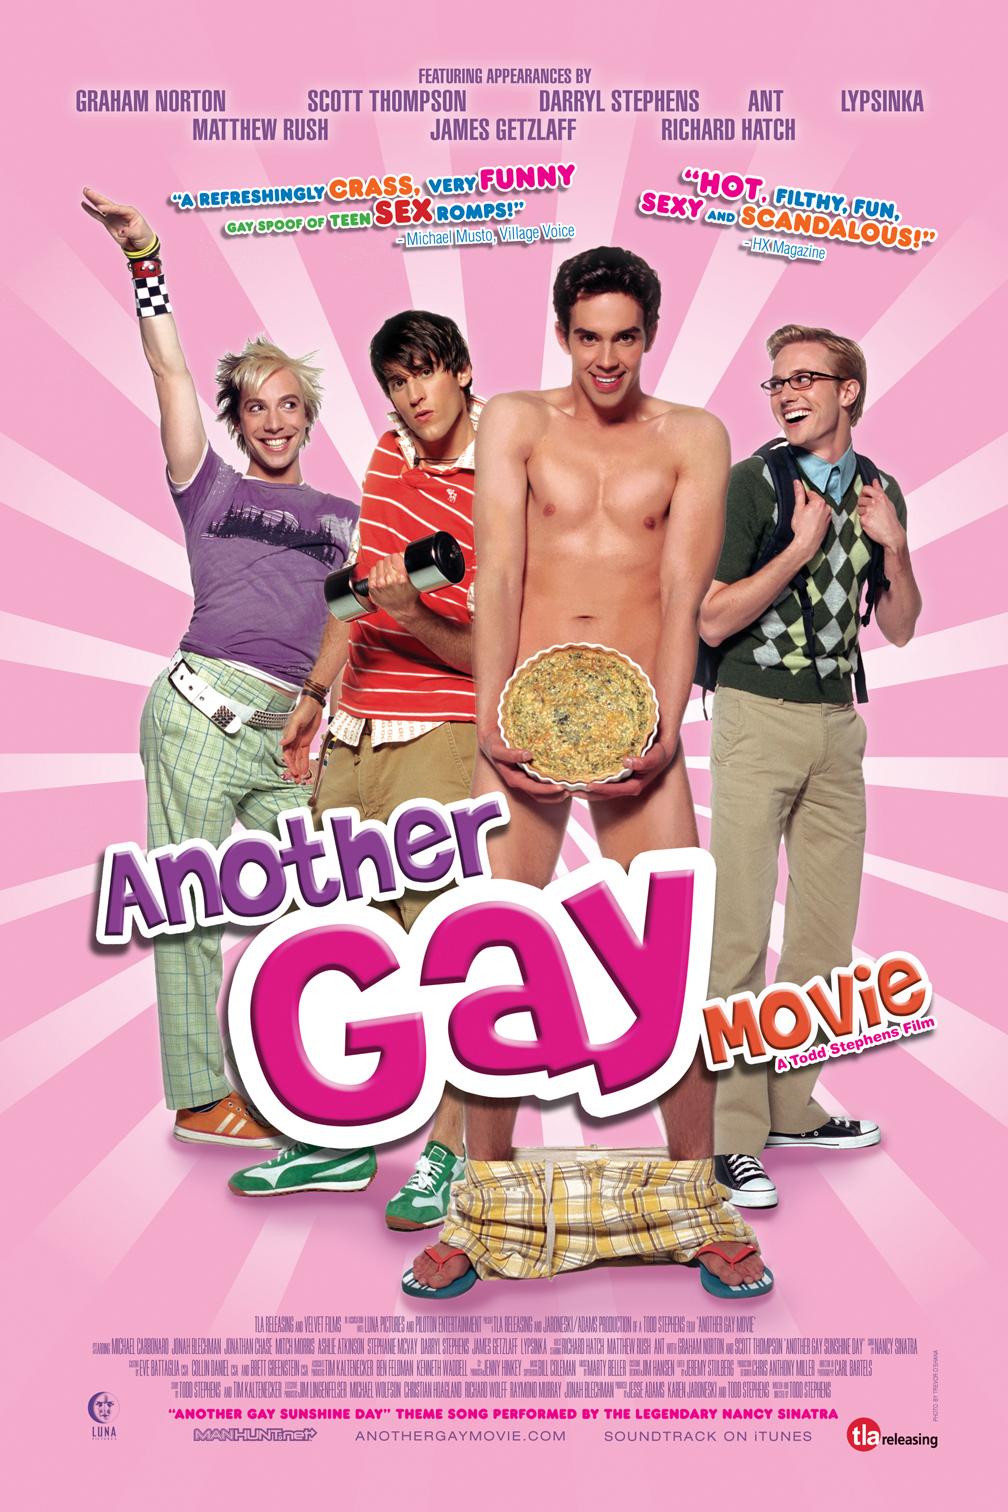 mis peliculas de tematica gay favoritas